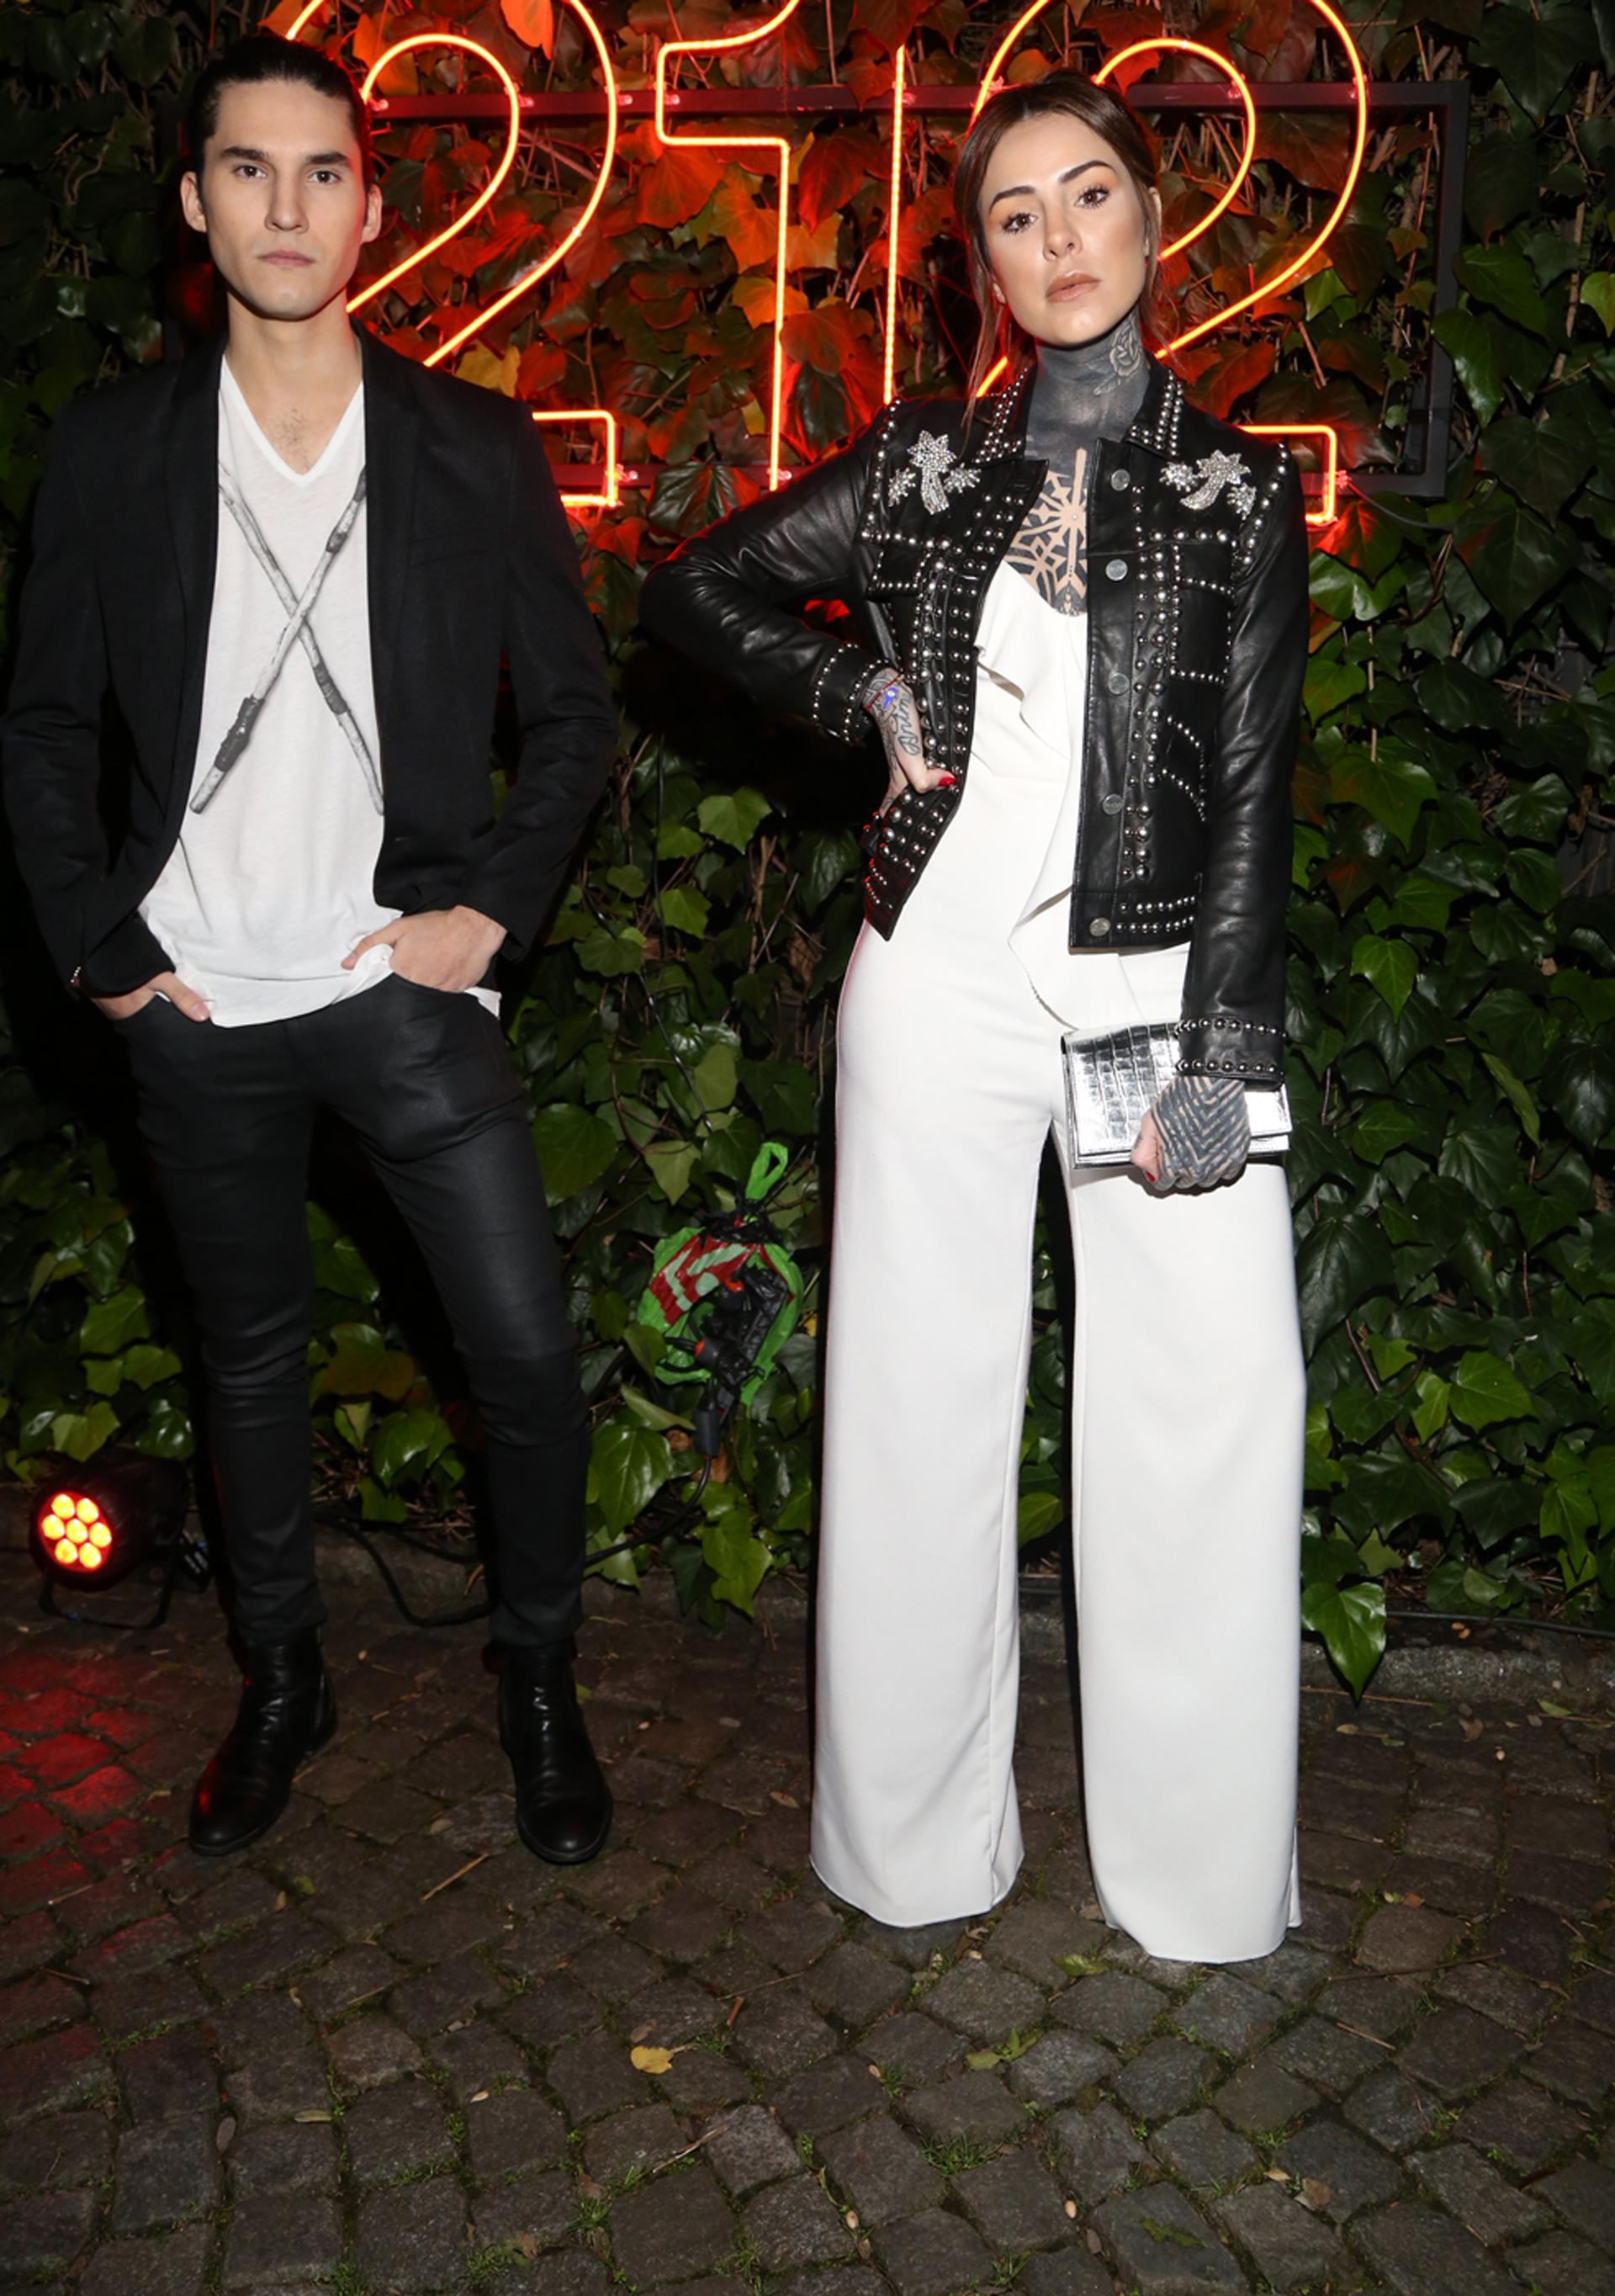 Los hermanos Tinelli -Francisco y Candelaria- fueron vestidos en composé. Ambos adoptaron un clásico trendy: el negro y blanco. Él con chupines de cuero, remerón y saco. Un mono blanco con chaqueta bordada con tachas para ella